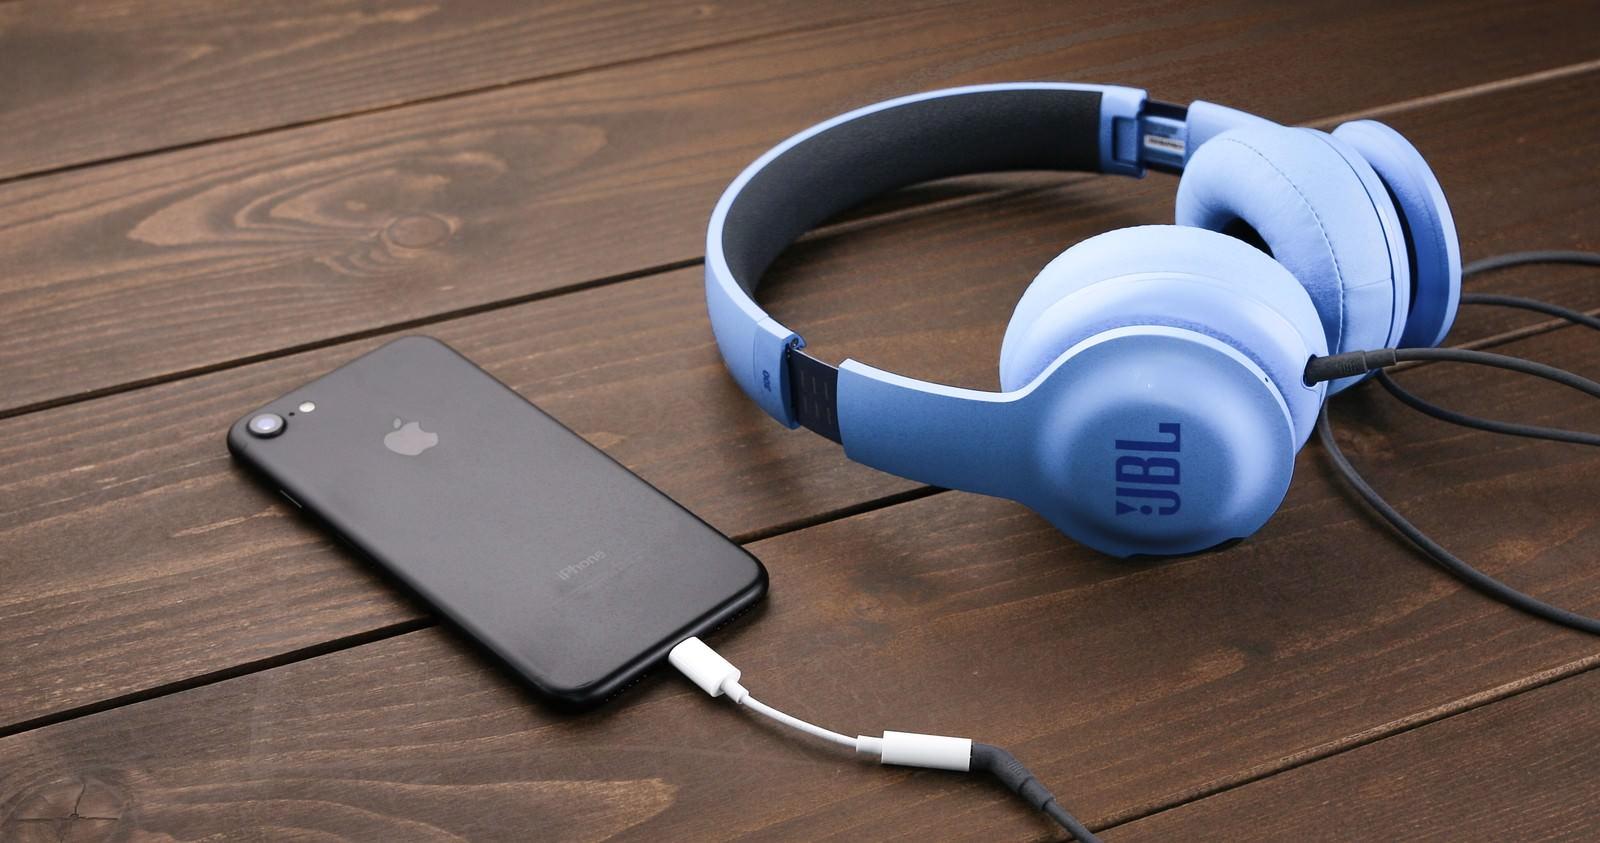 「ヘッドフォン端子の廃止に伴い35mmヘッドフォンジャックアダプタを使用する」の写真